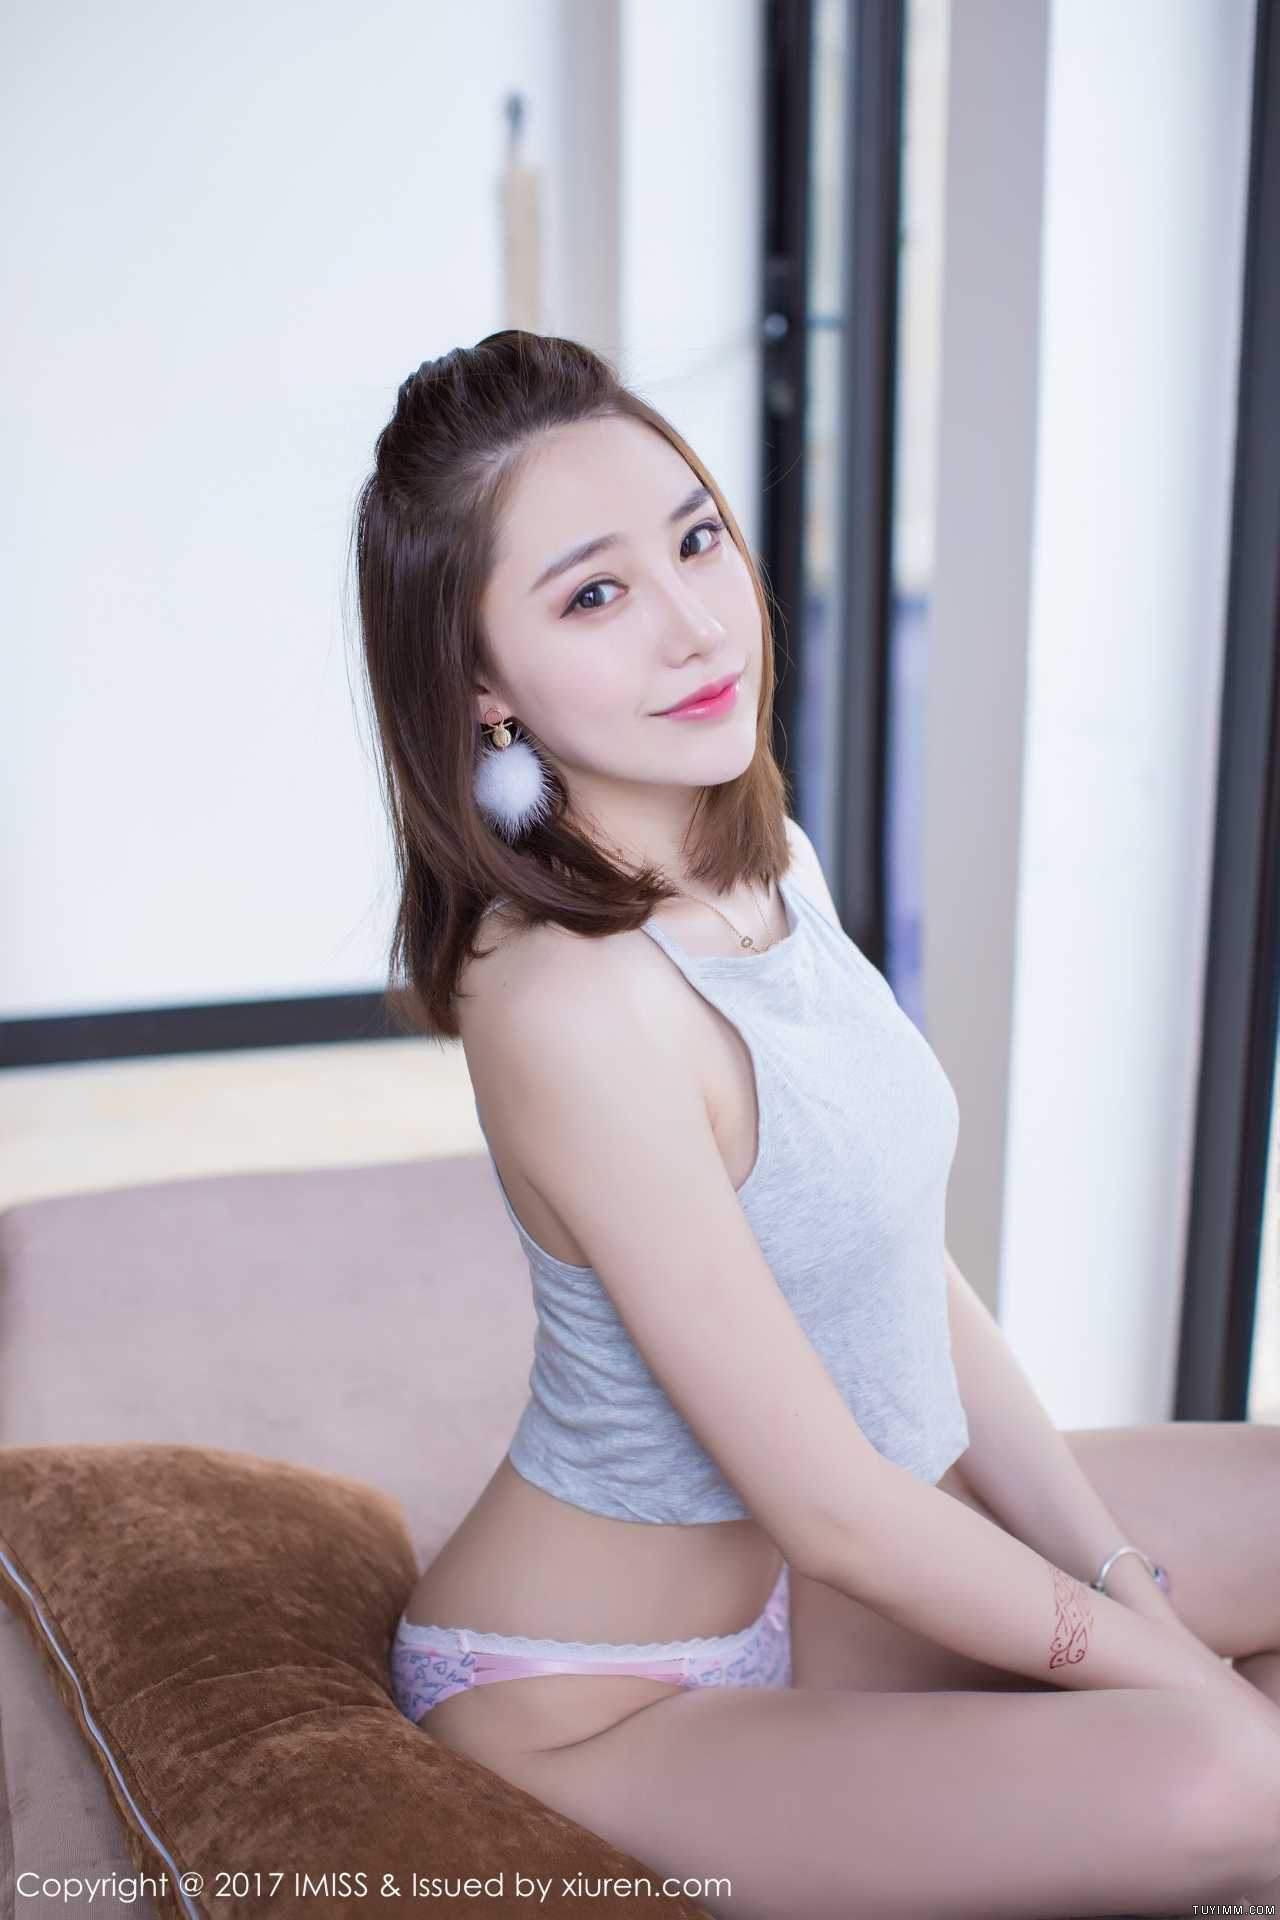 IMISS爱蜜社 2017.09.07 VOL.186 刘奕宁Lynn-第2张图片-哔哔娱乐网